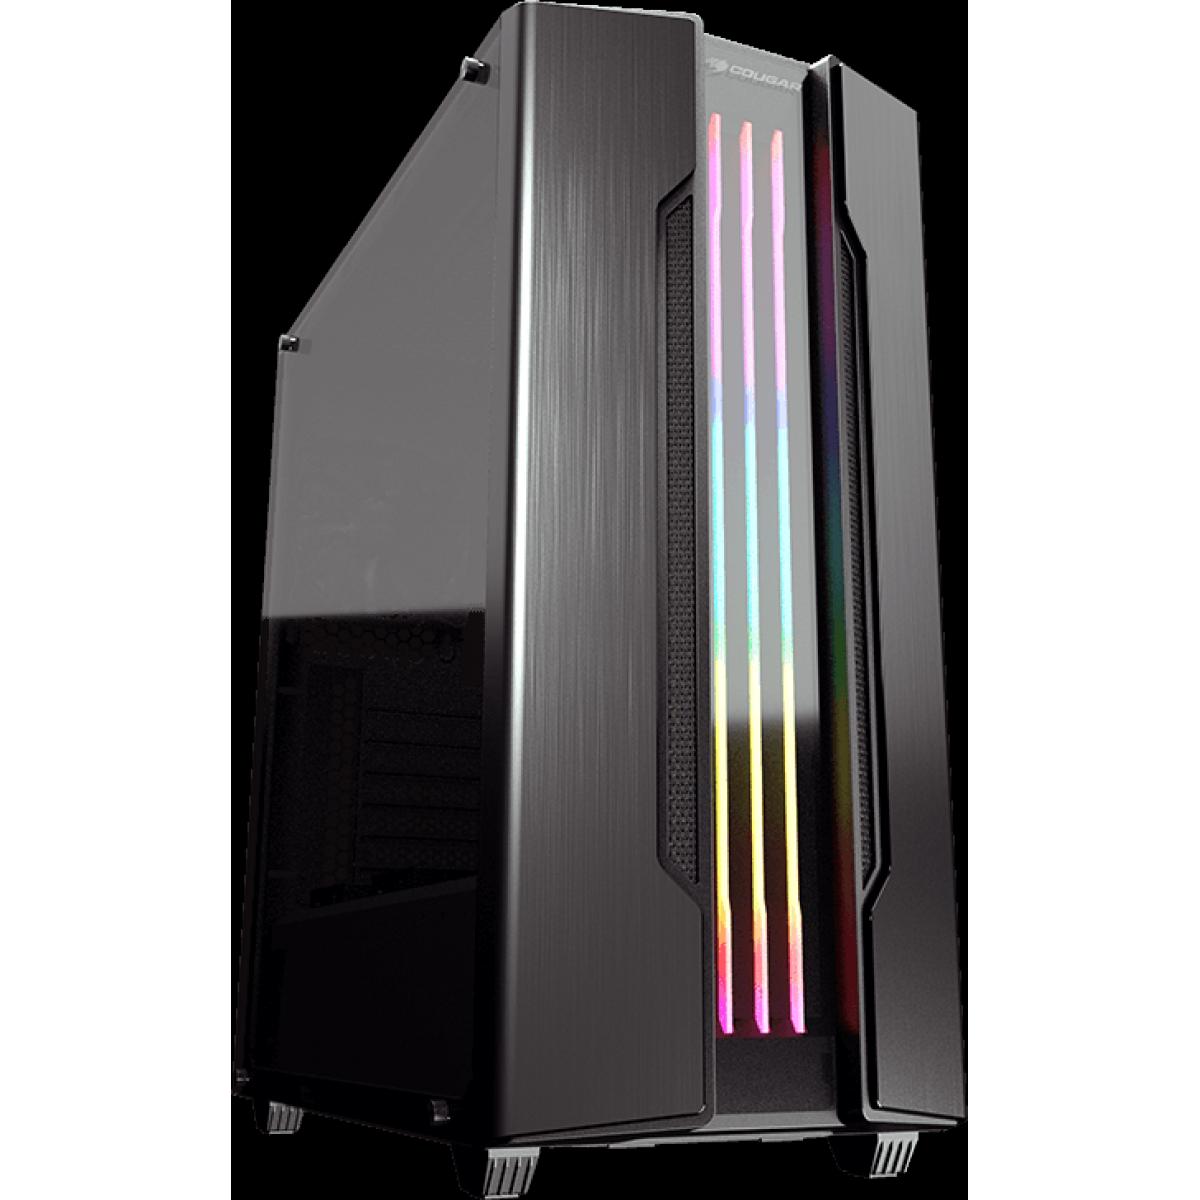 Pc Gamer T-Power Stormbreaker Lvl-4 AMD Ryzen 9 3900X / Geforce RTX 2070 Super / DDR4 16GB / HD 1TB / 700W